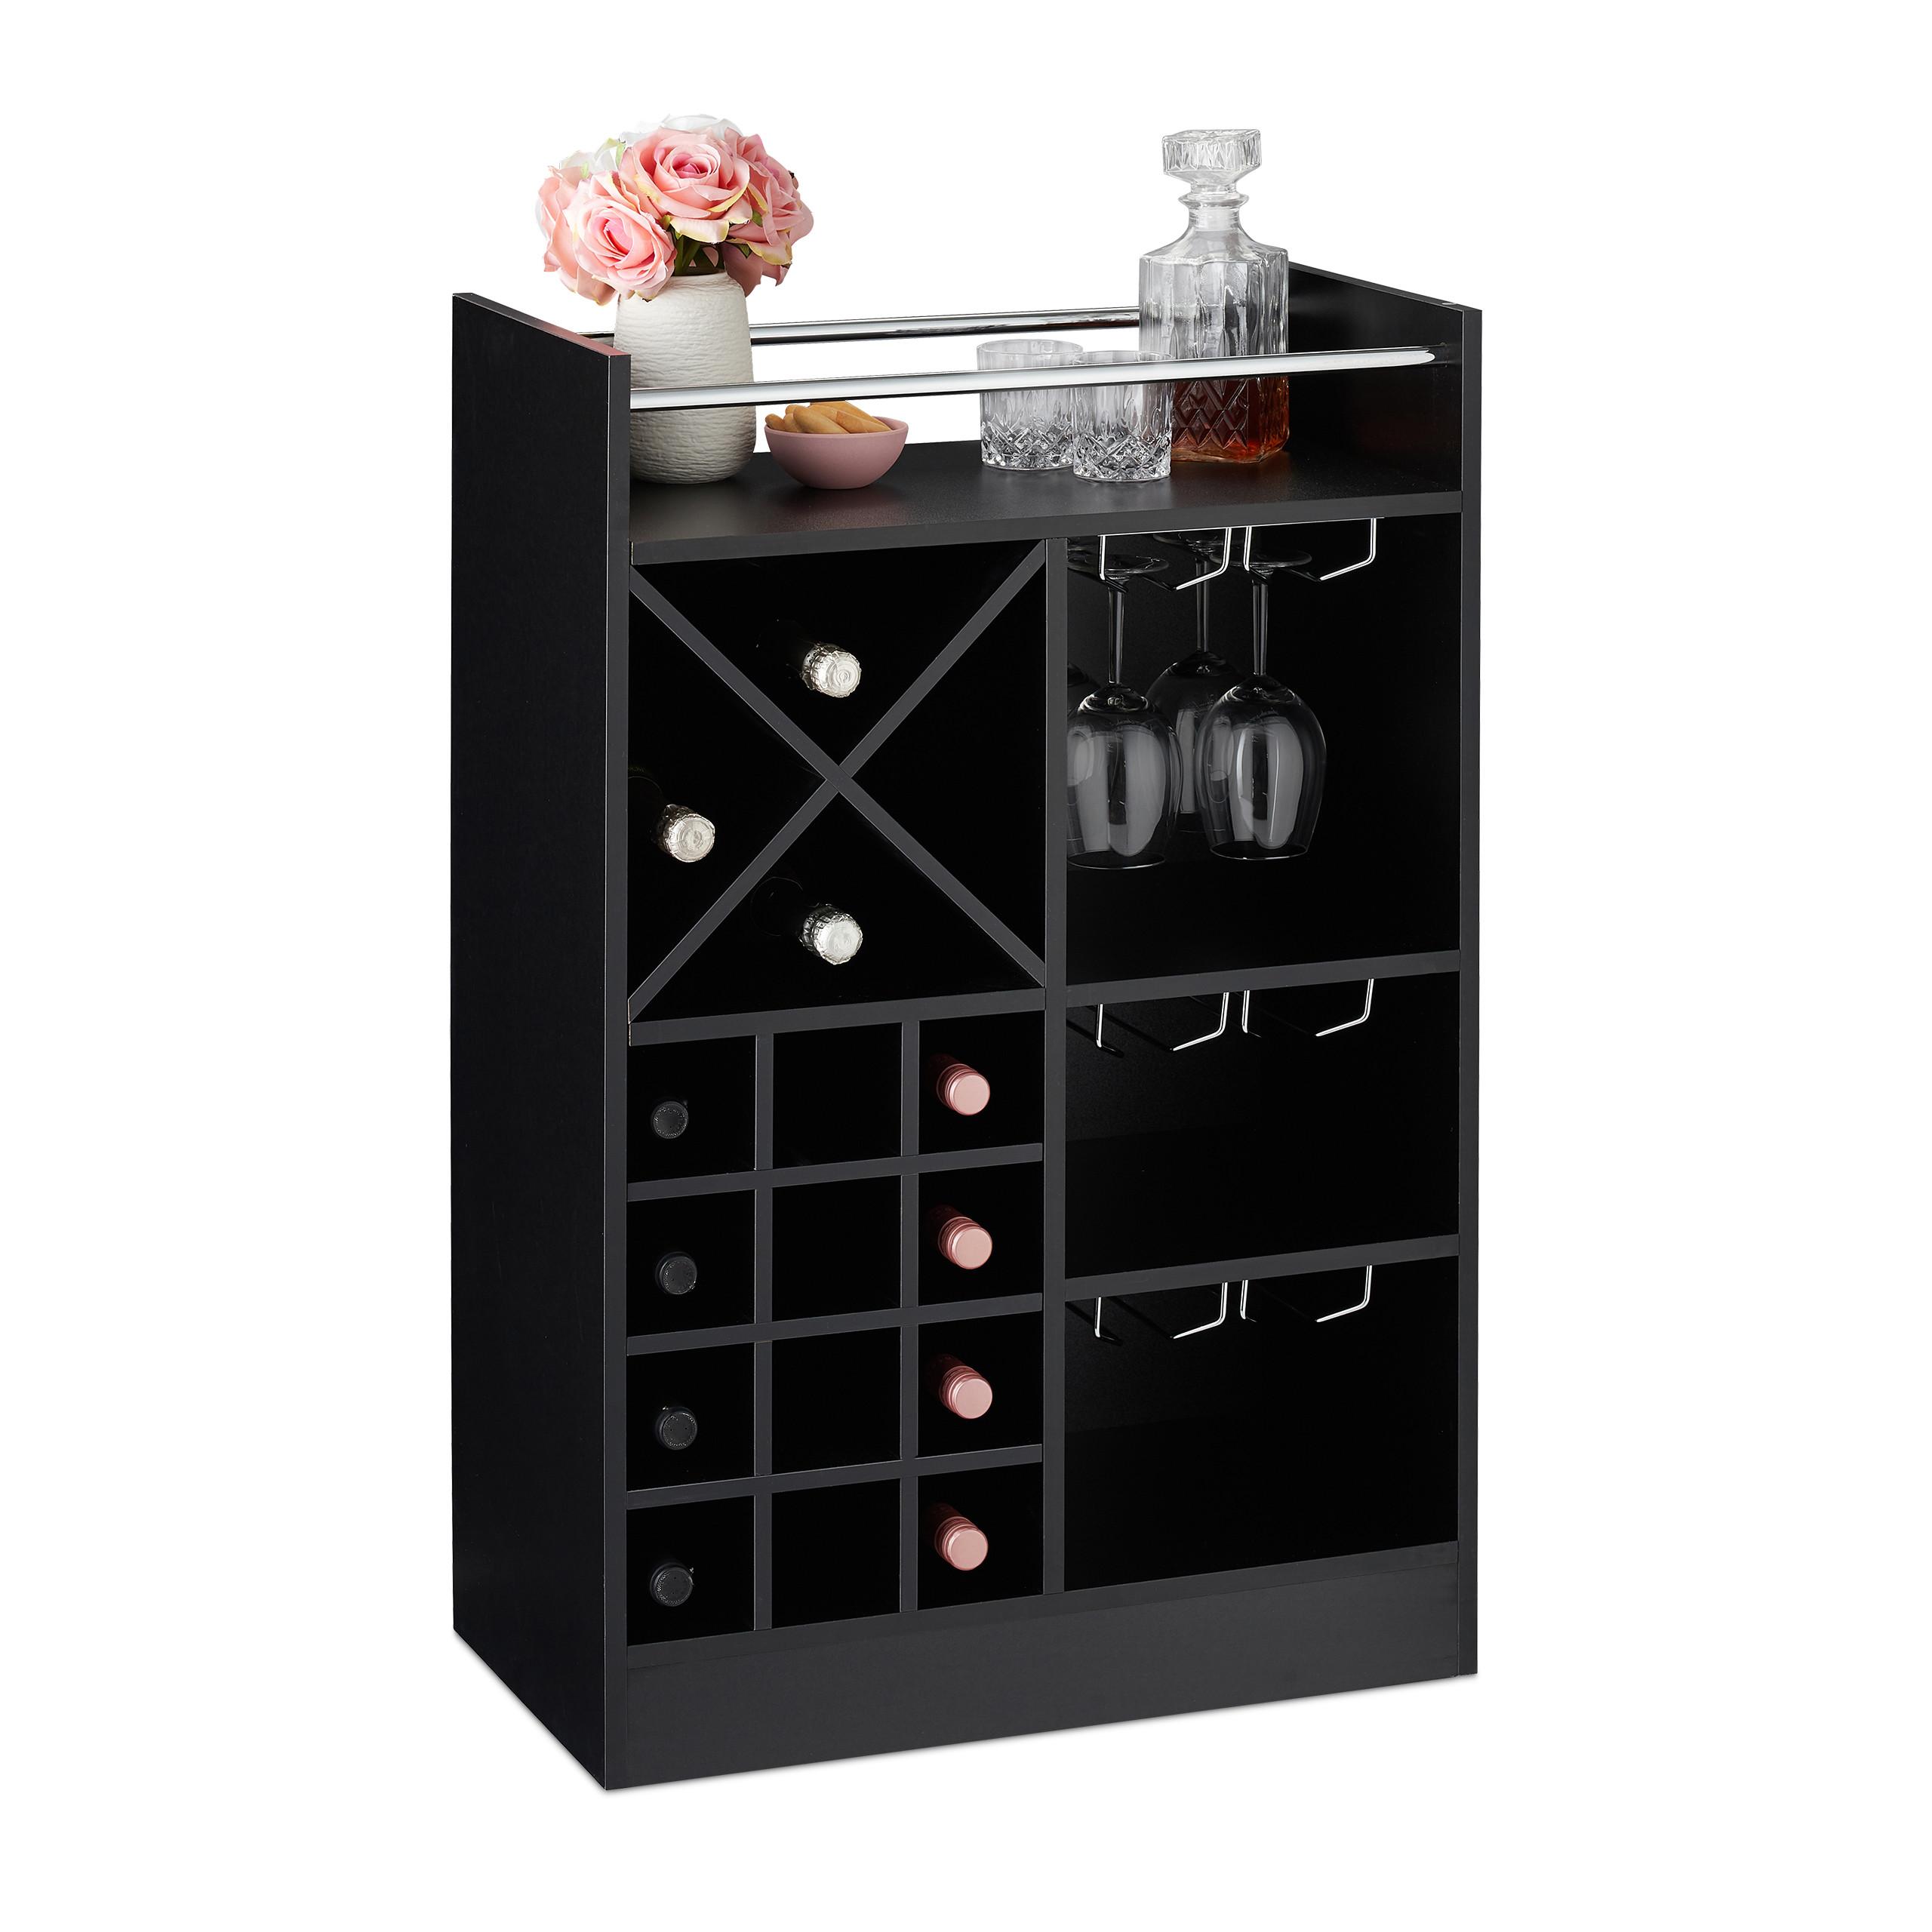 Indexbild 11 - Weinregal XL Hausbar 22 Weinflaschen Regal Weinständer Weinaufbewahrung Barmöbel